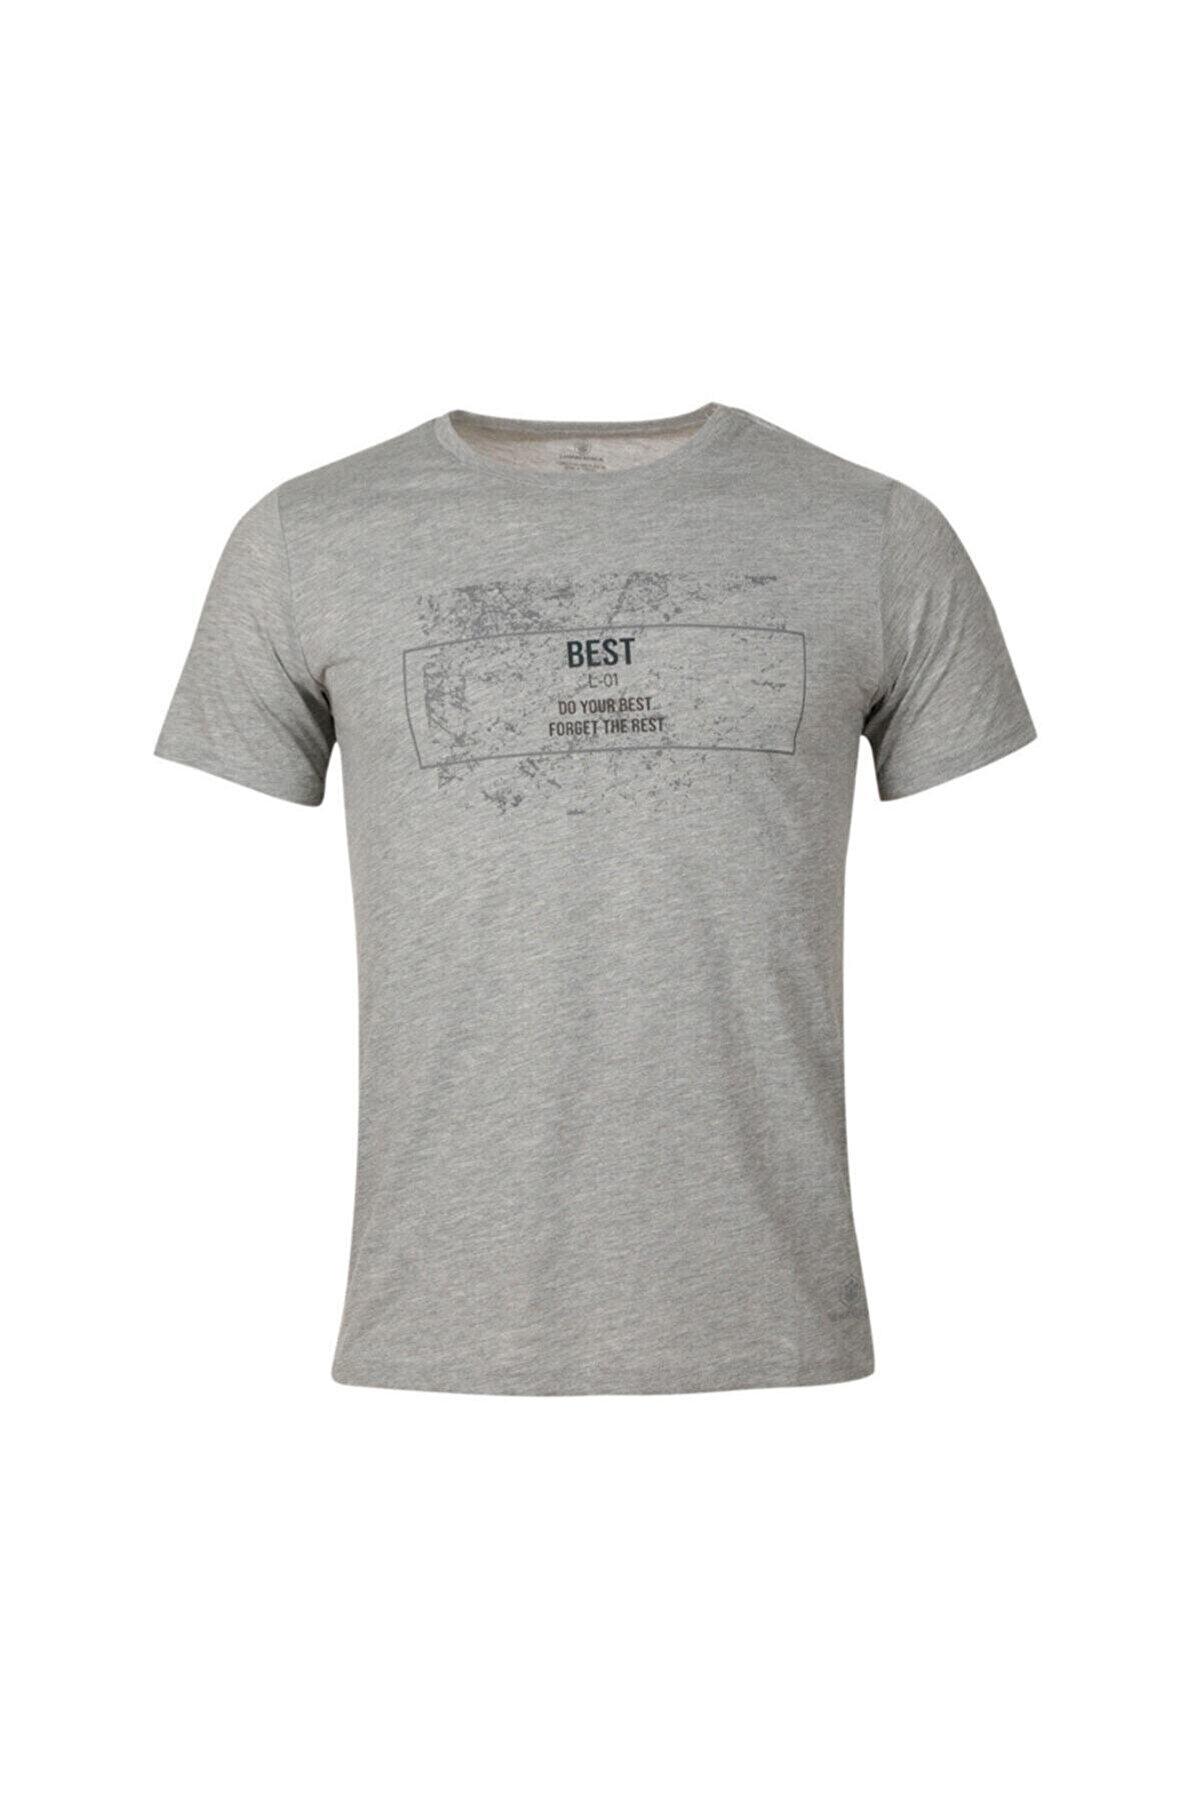 Lumberjack SPLASH T-SHIRT GRI MELANJ Erkek T-Shirt 101015397